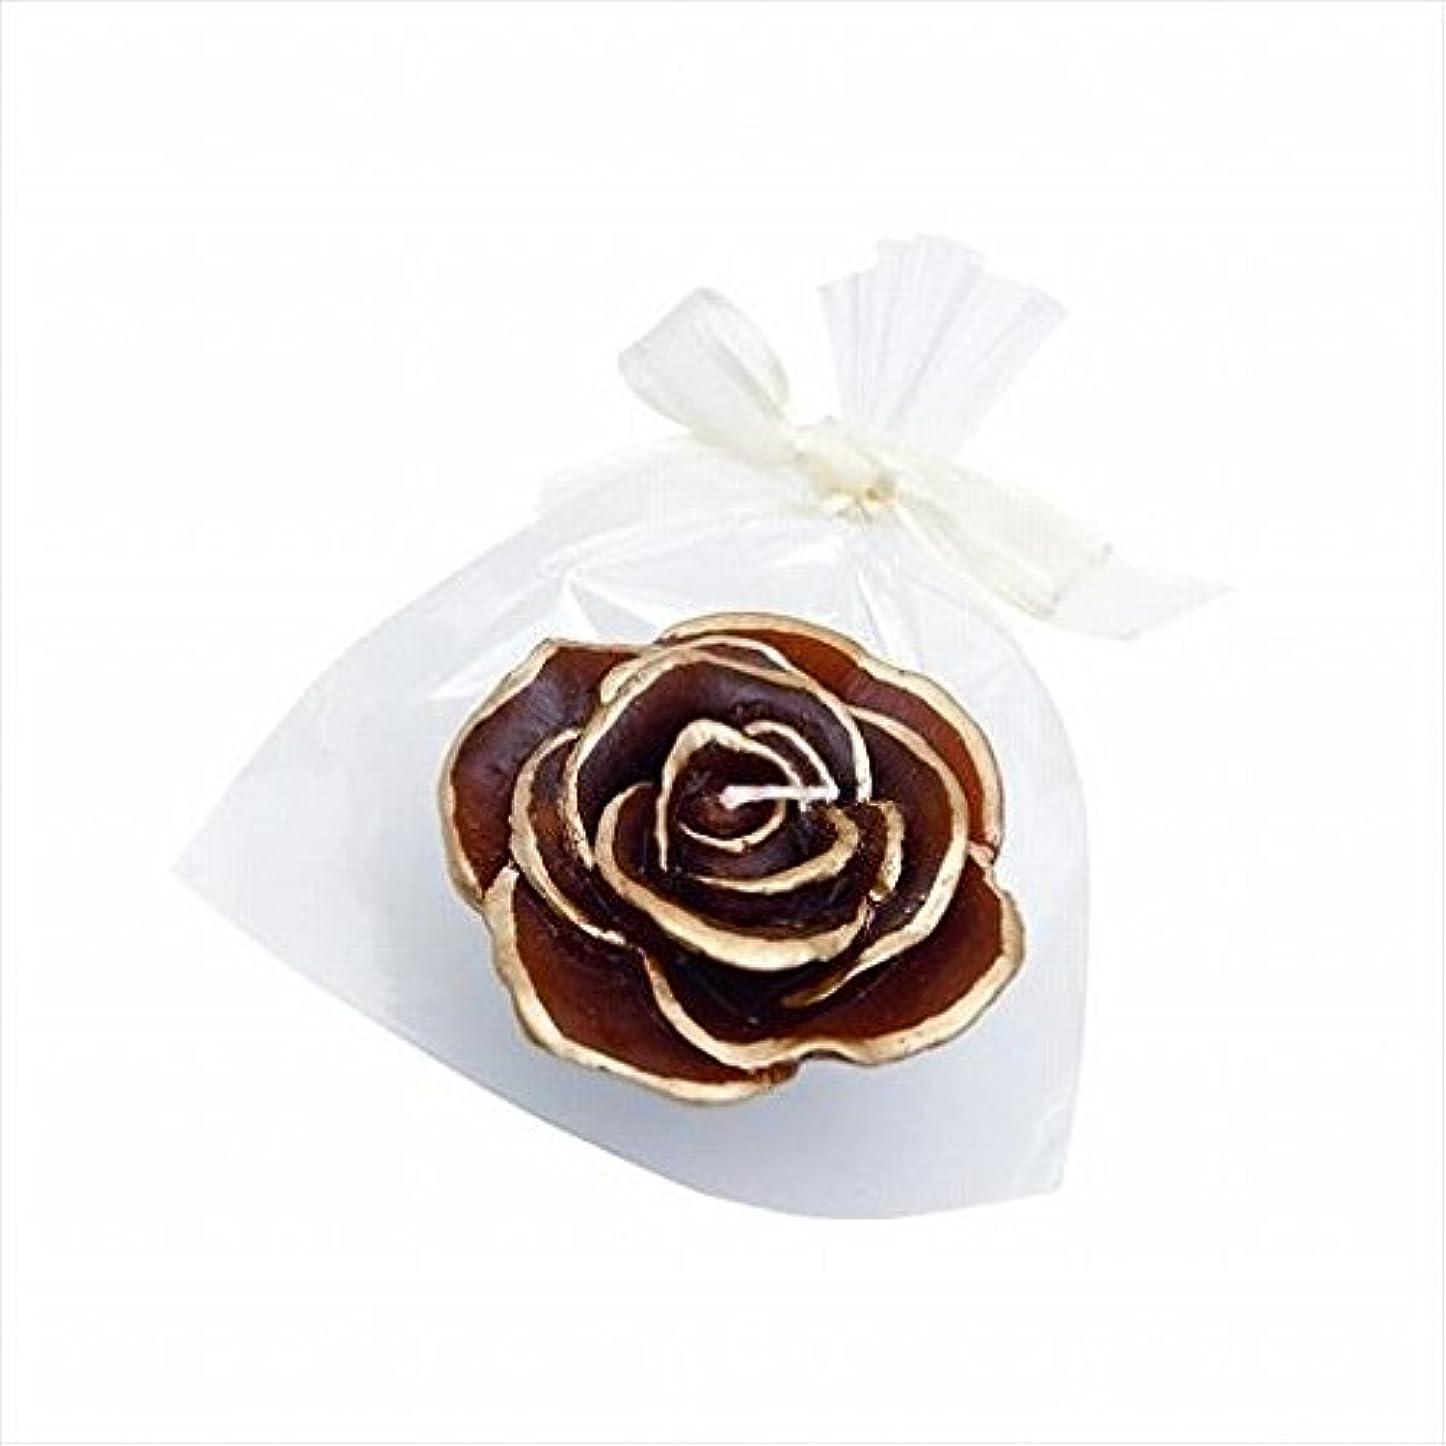 接続された安定しましたメロディーkameyama candle(カメヤマキャンドル) プリンセスローズ 「 チョコレート 」(A6390500CH)